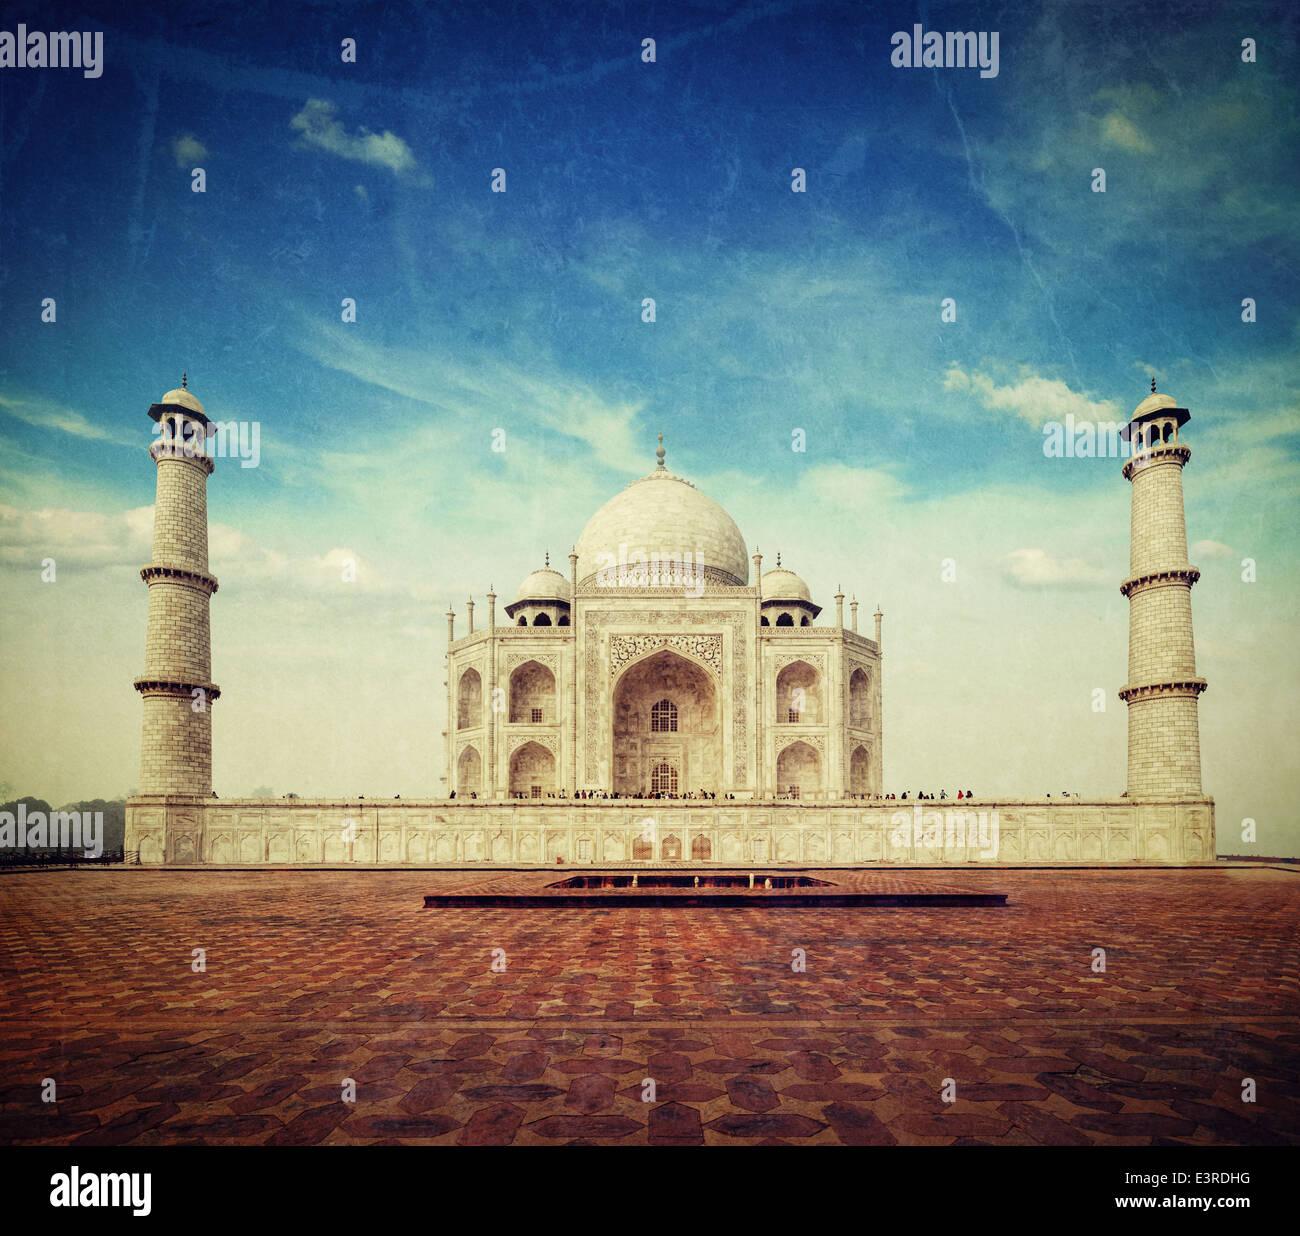 india background texture stock photos  u0026 india background